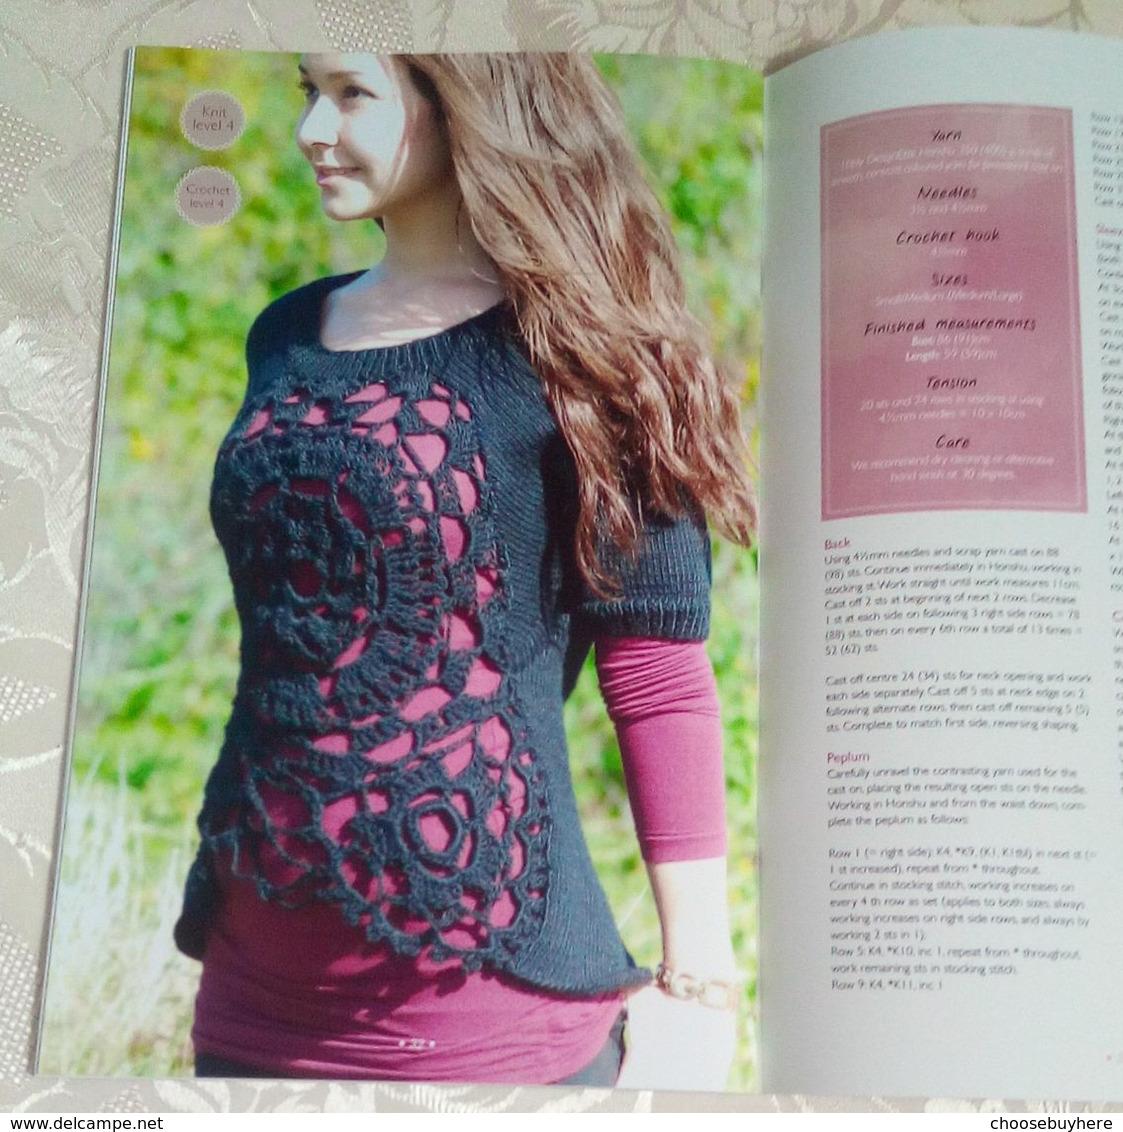 Designette Book Bog 1 Stricken Häkeln Hæklet Og Strikning Crochet And Knitting Anleitungen Patterns Vejledning - Wool